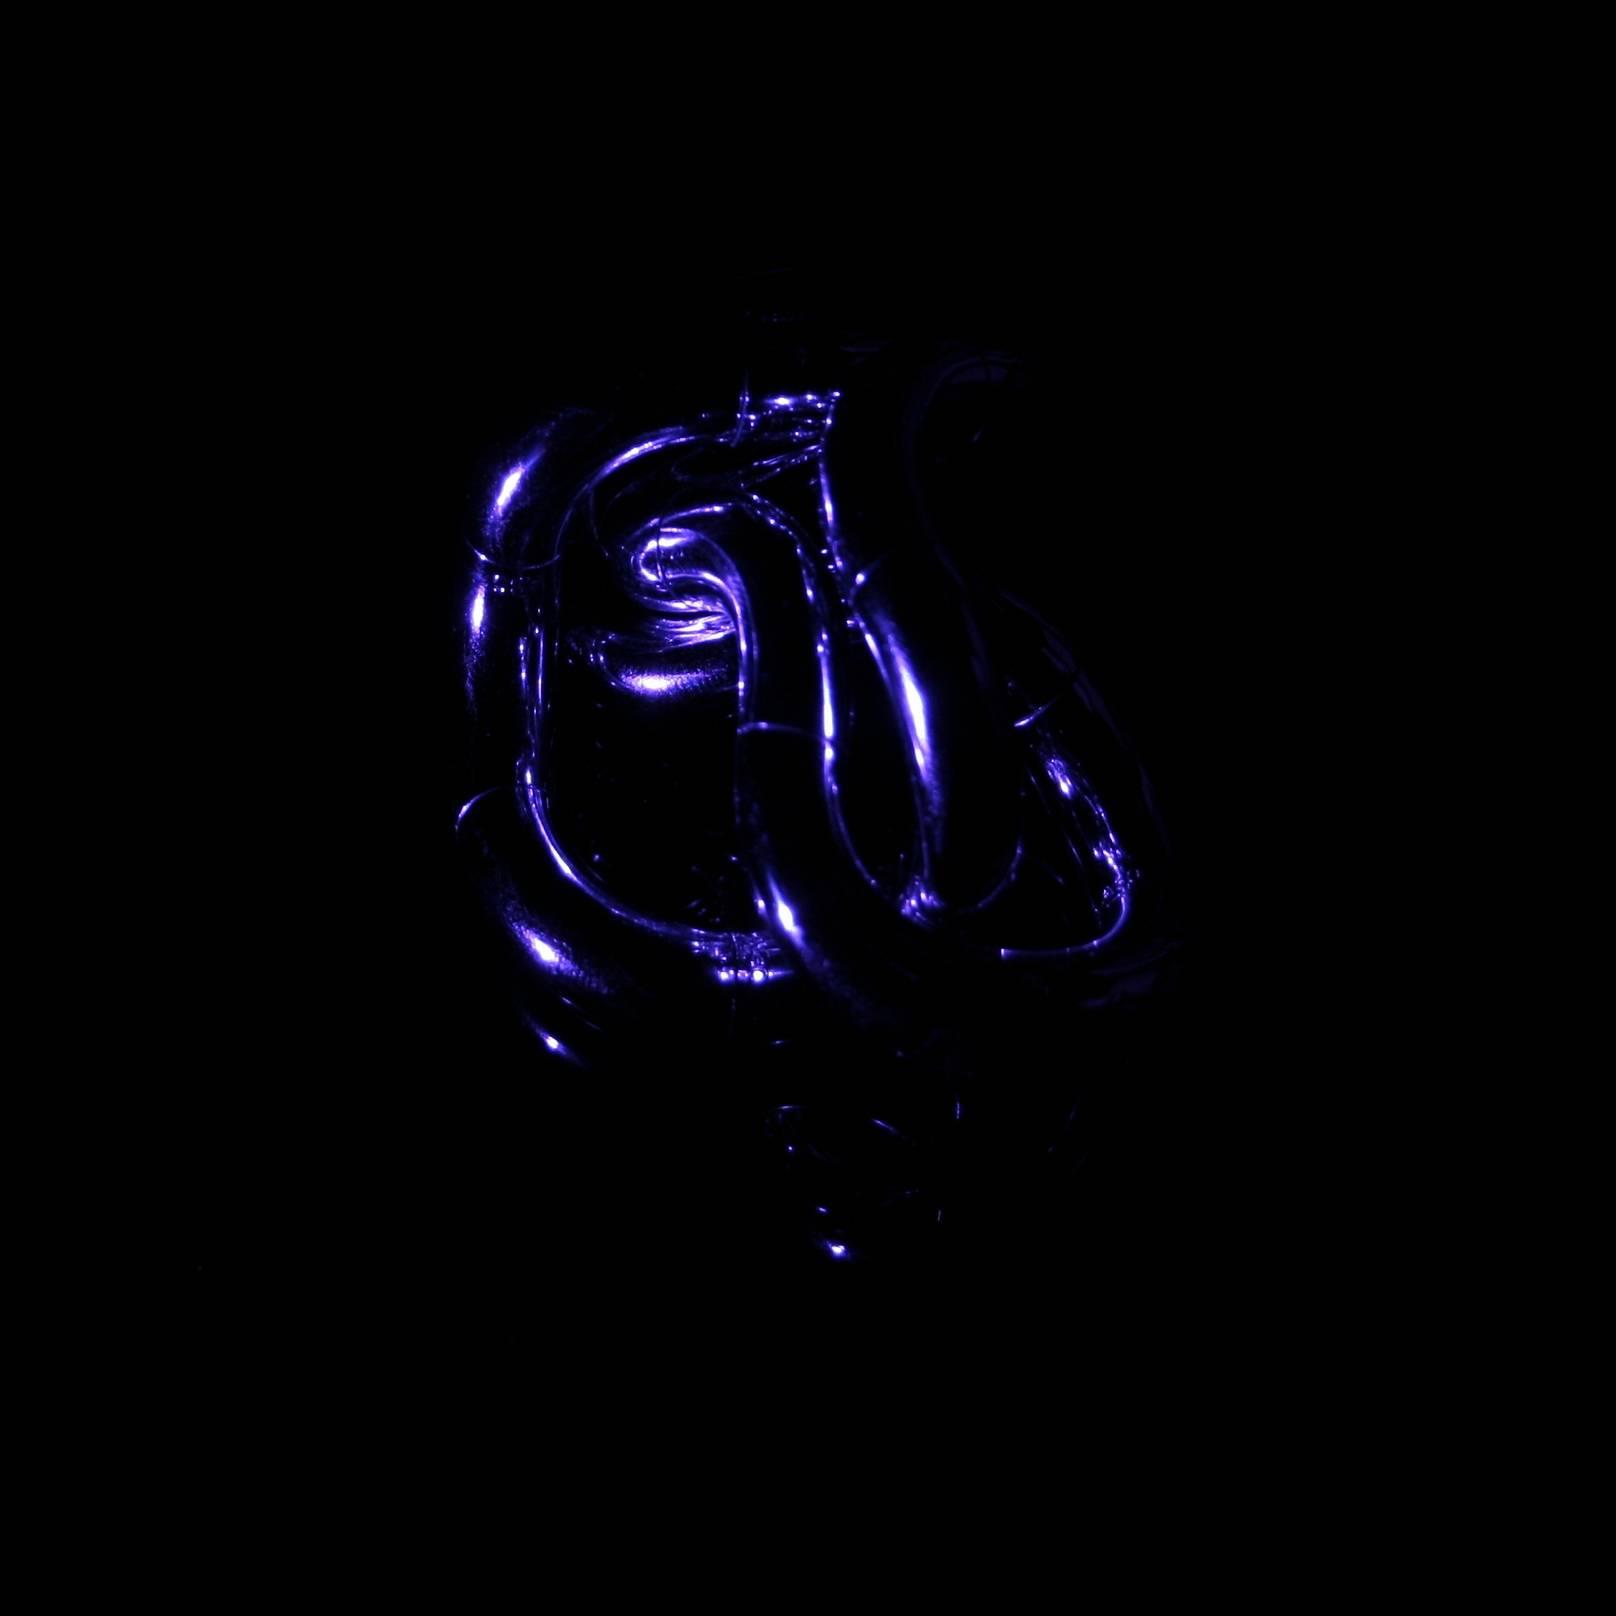 objet serie 2 25 02 2013_0007